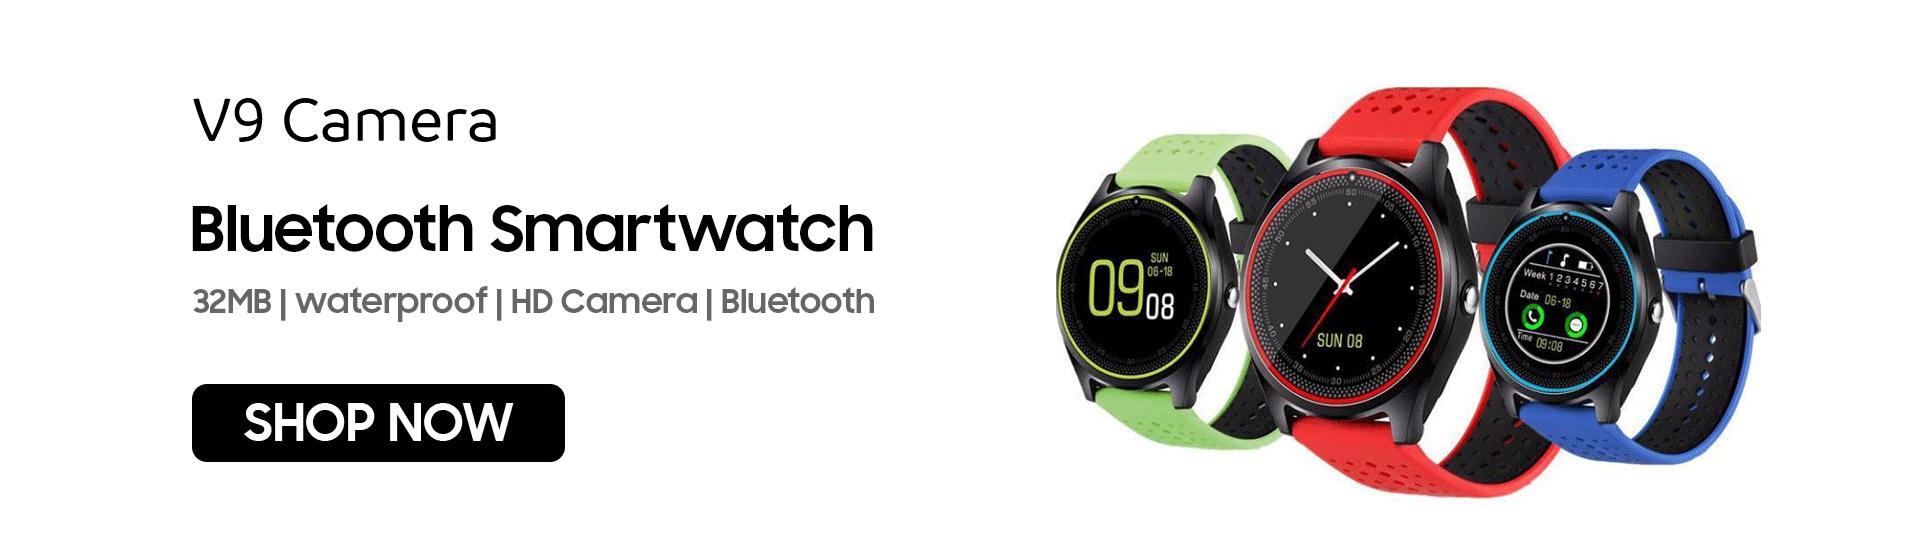 V9 Camera Bluetooth Smartwatch